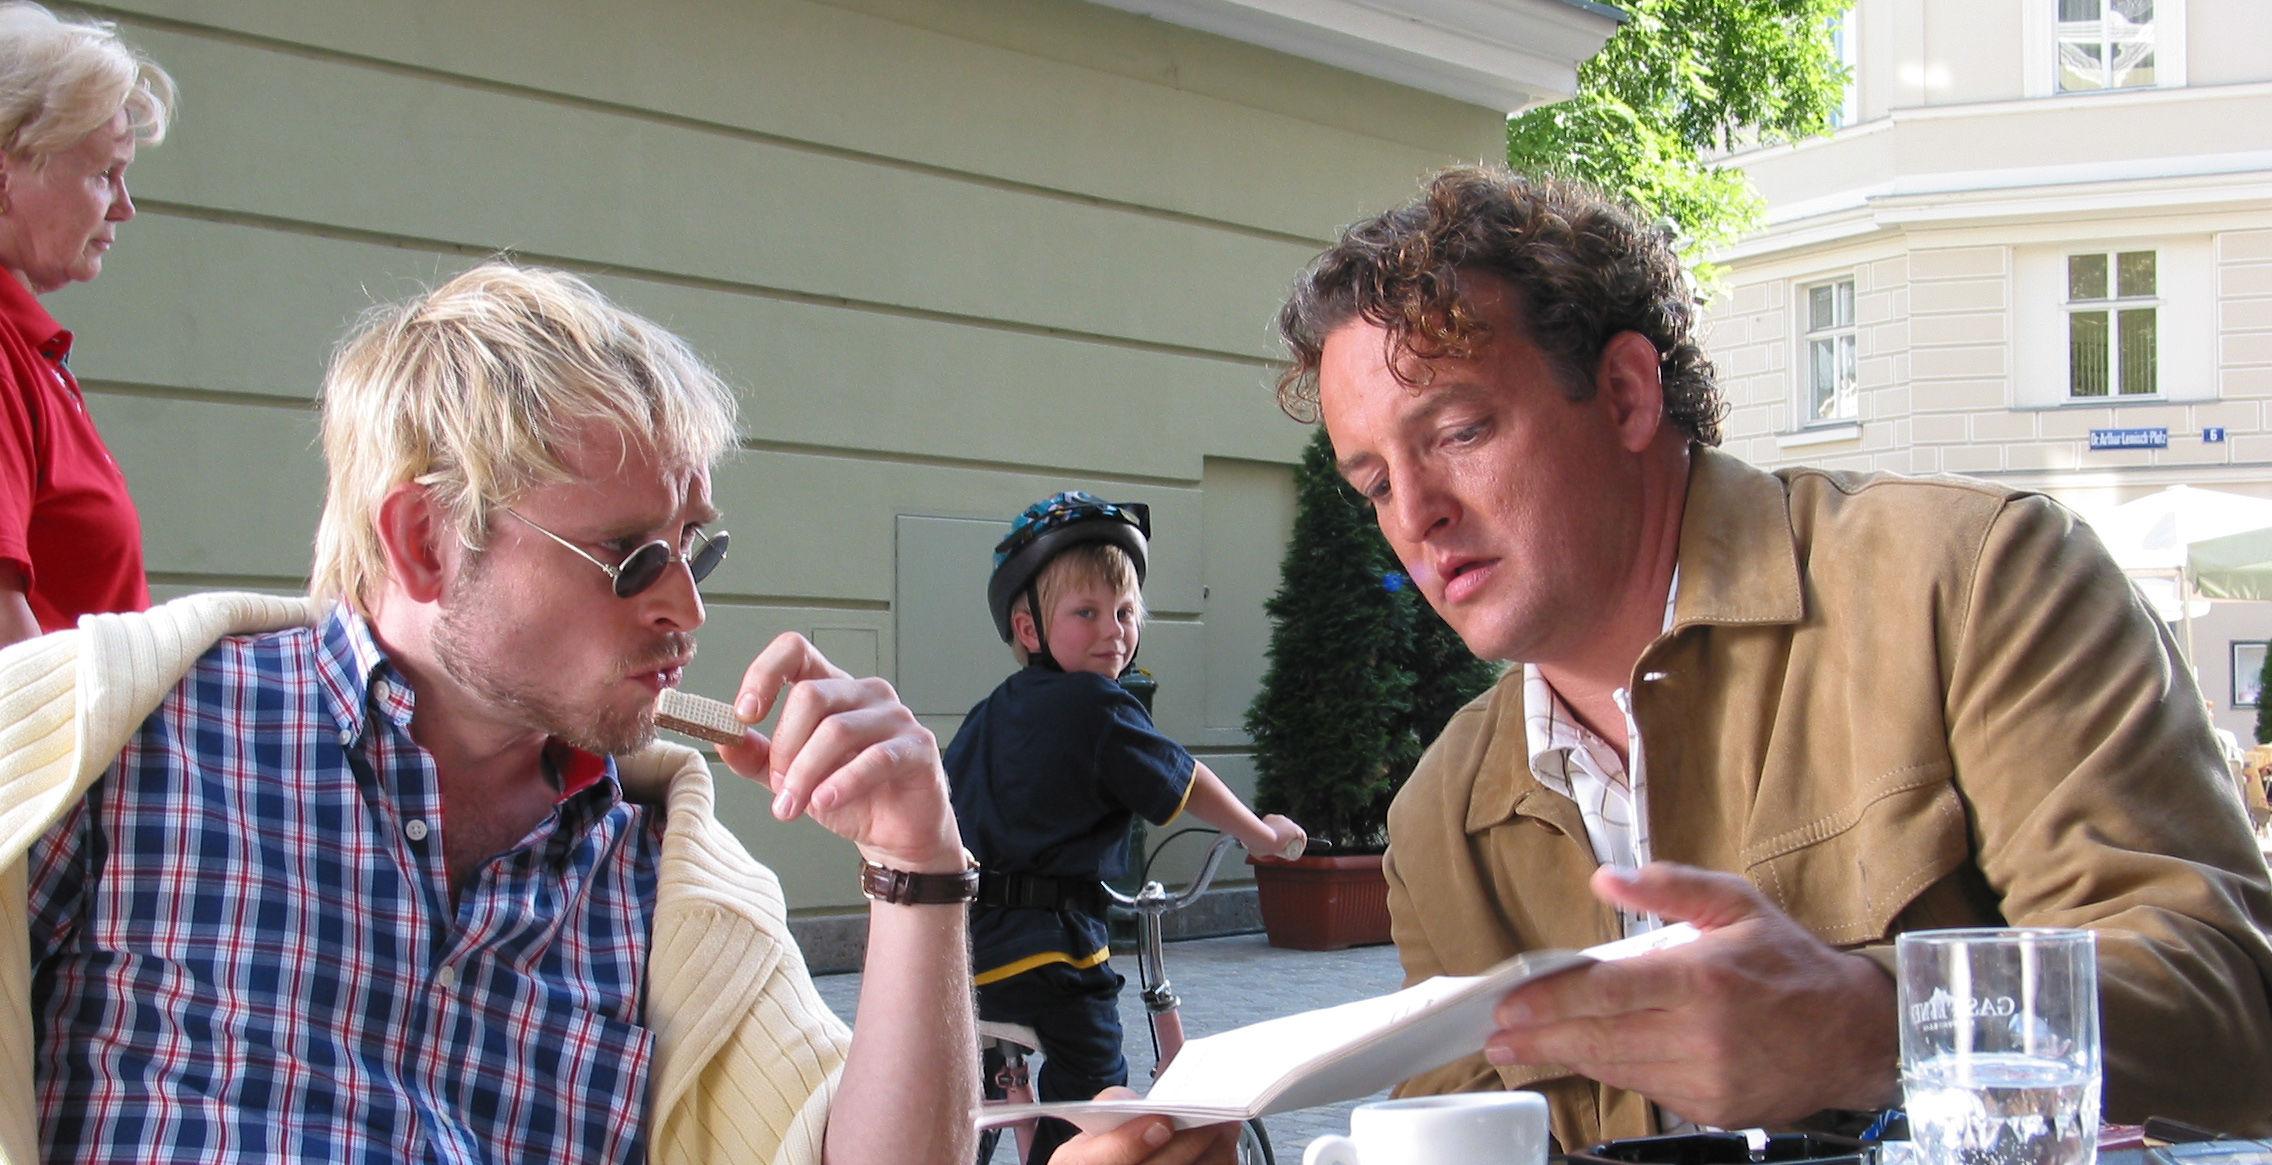 Rene (Johannes Krisch), Freddy (Marco Rima)